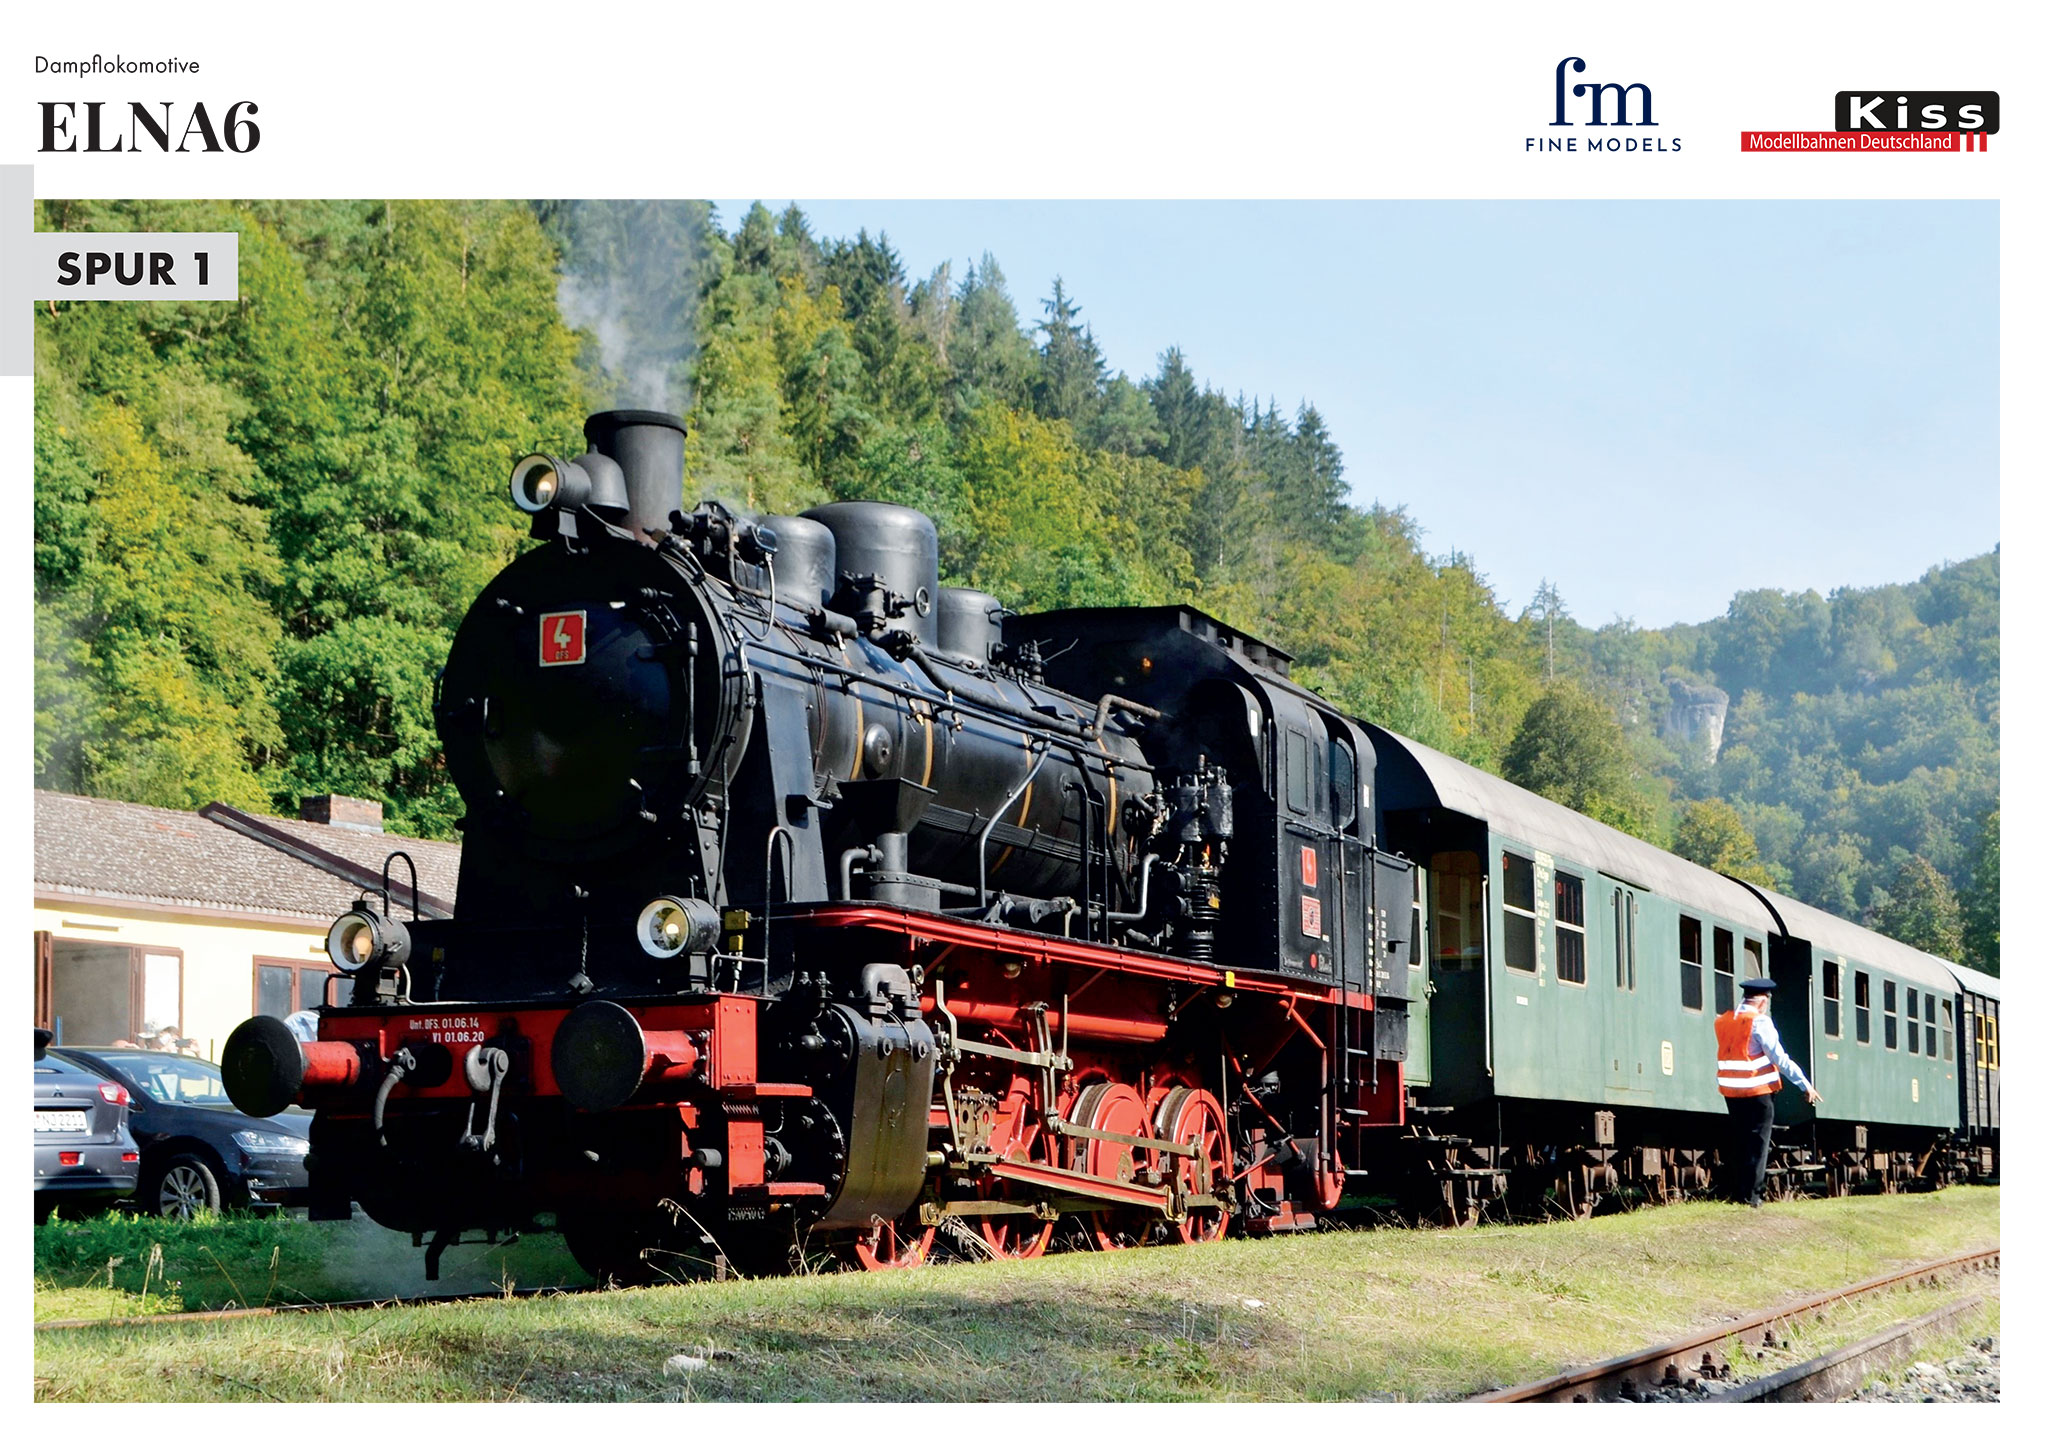 Kiss Modellbahnen Deutschland - ELNA6 steam locomotive